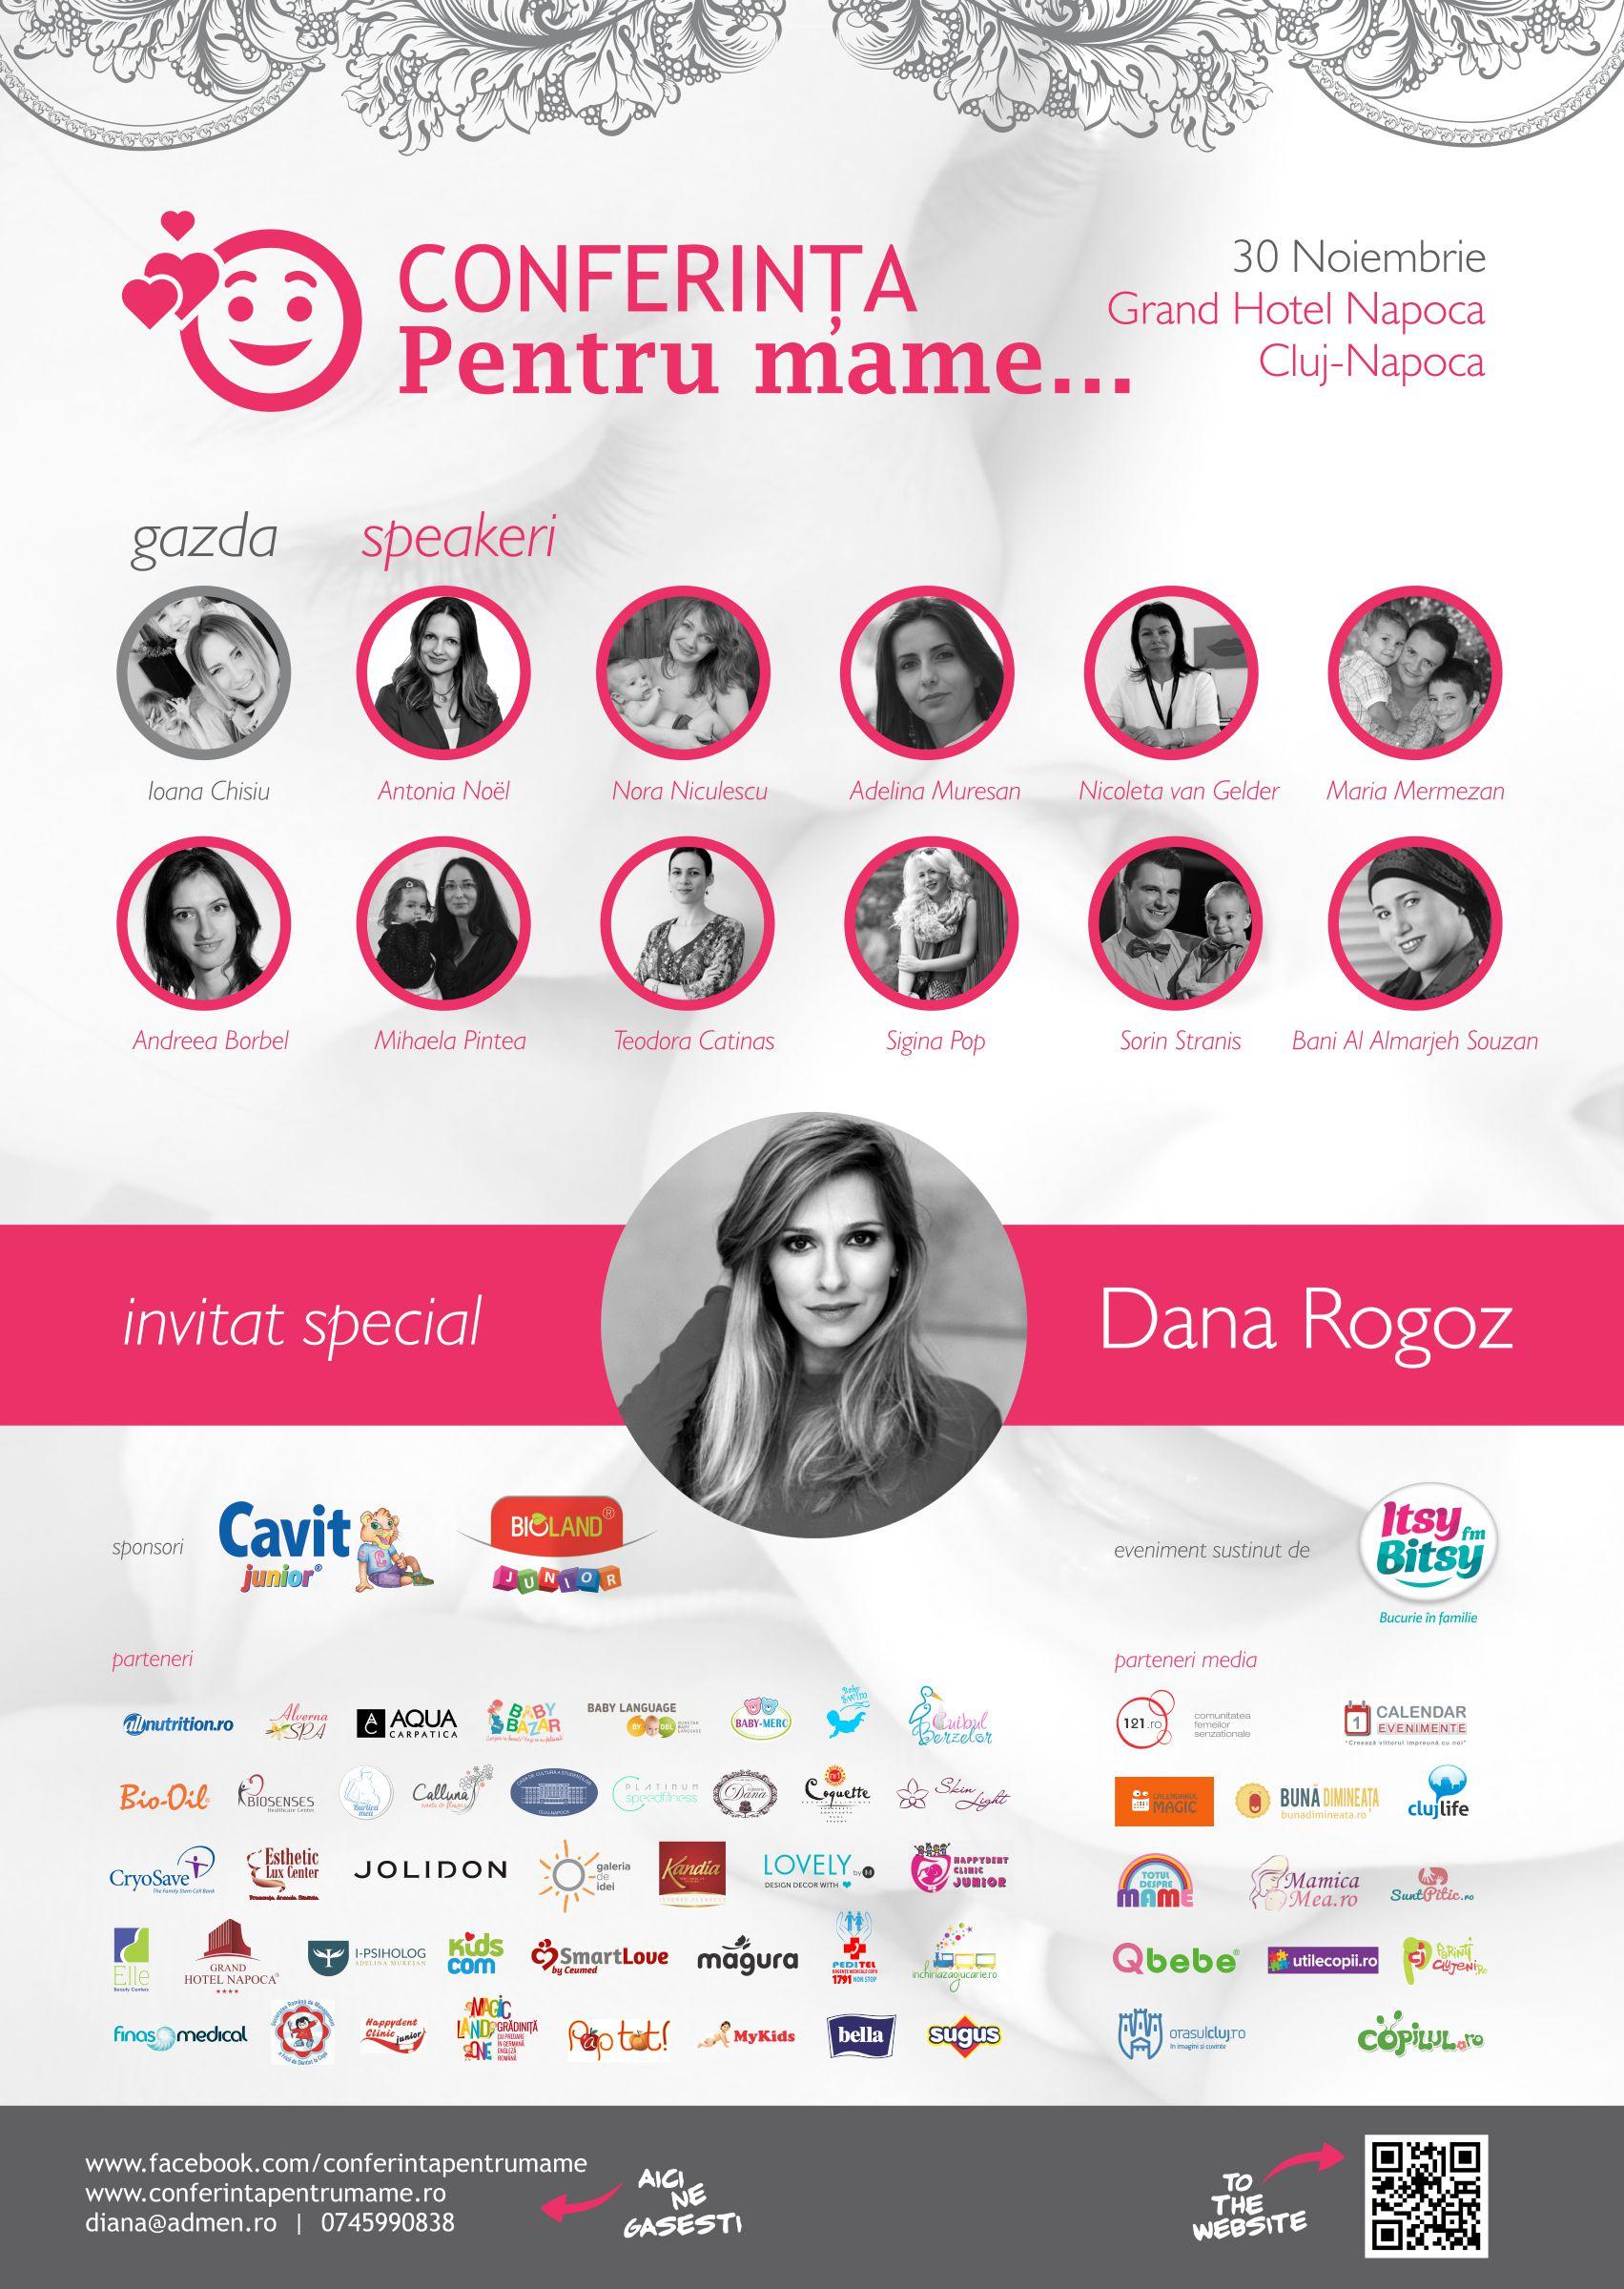 Conferinţa pentru mame @ Grand Hotel Napoca